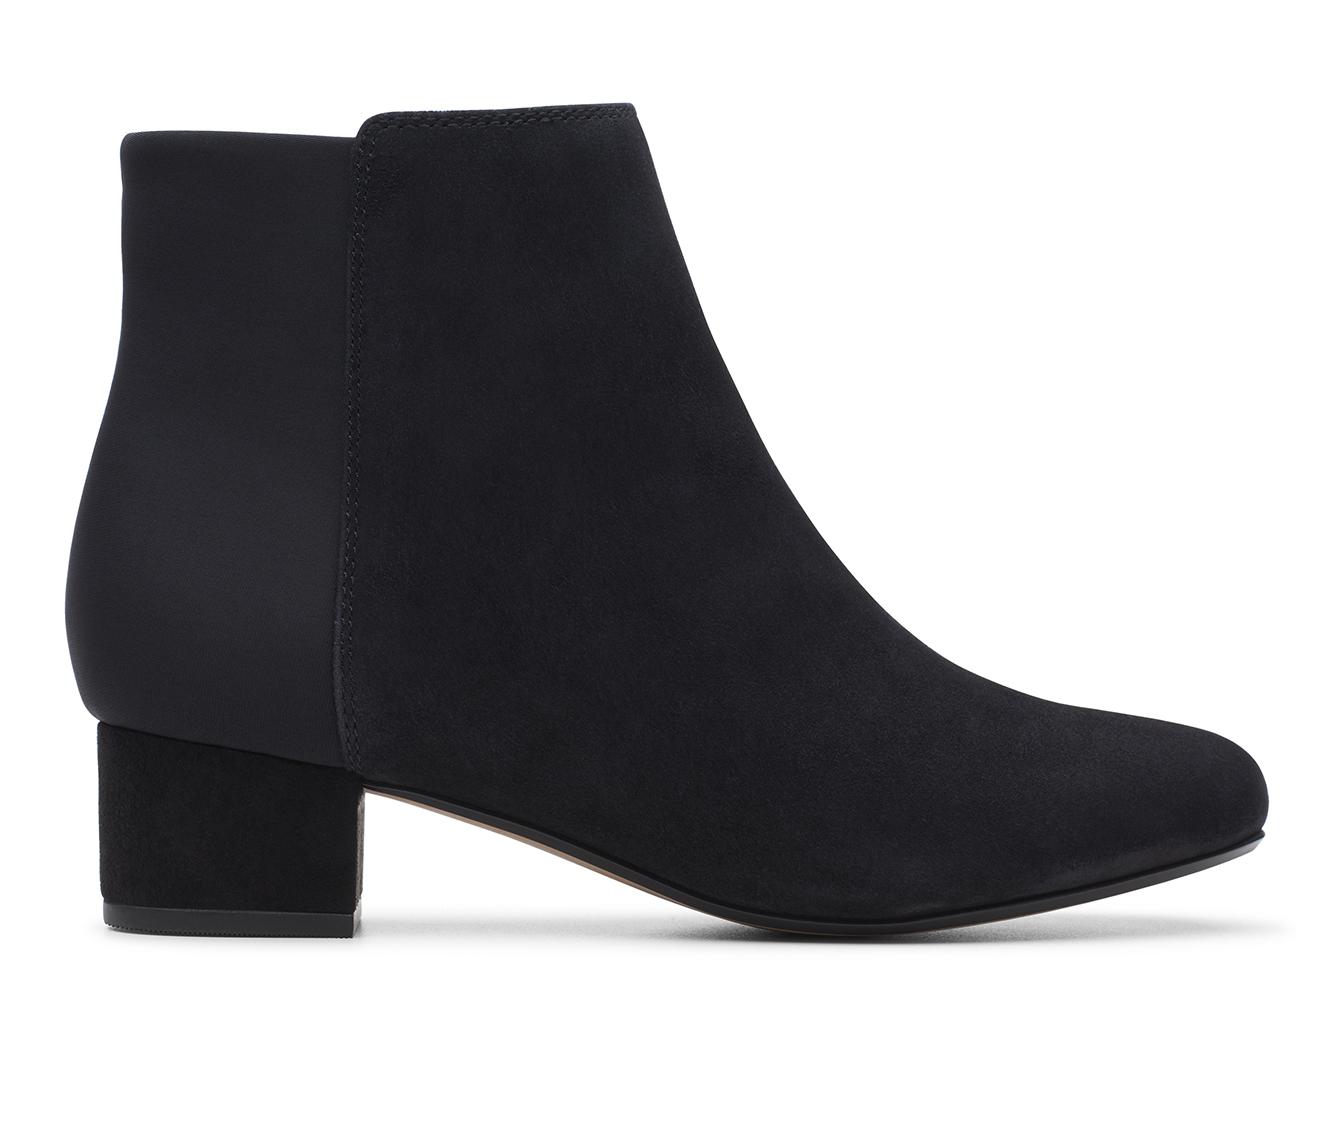 Clarks Chartli Valley Women's Boot (Black Suede)